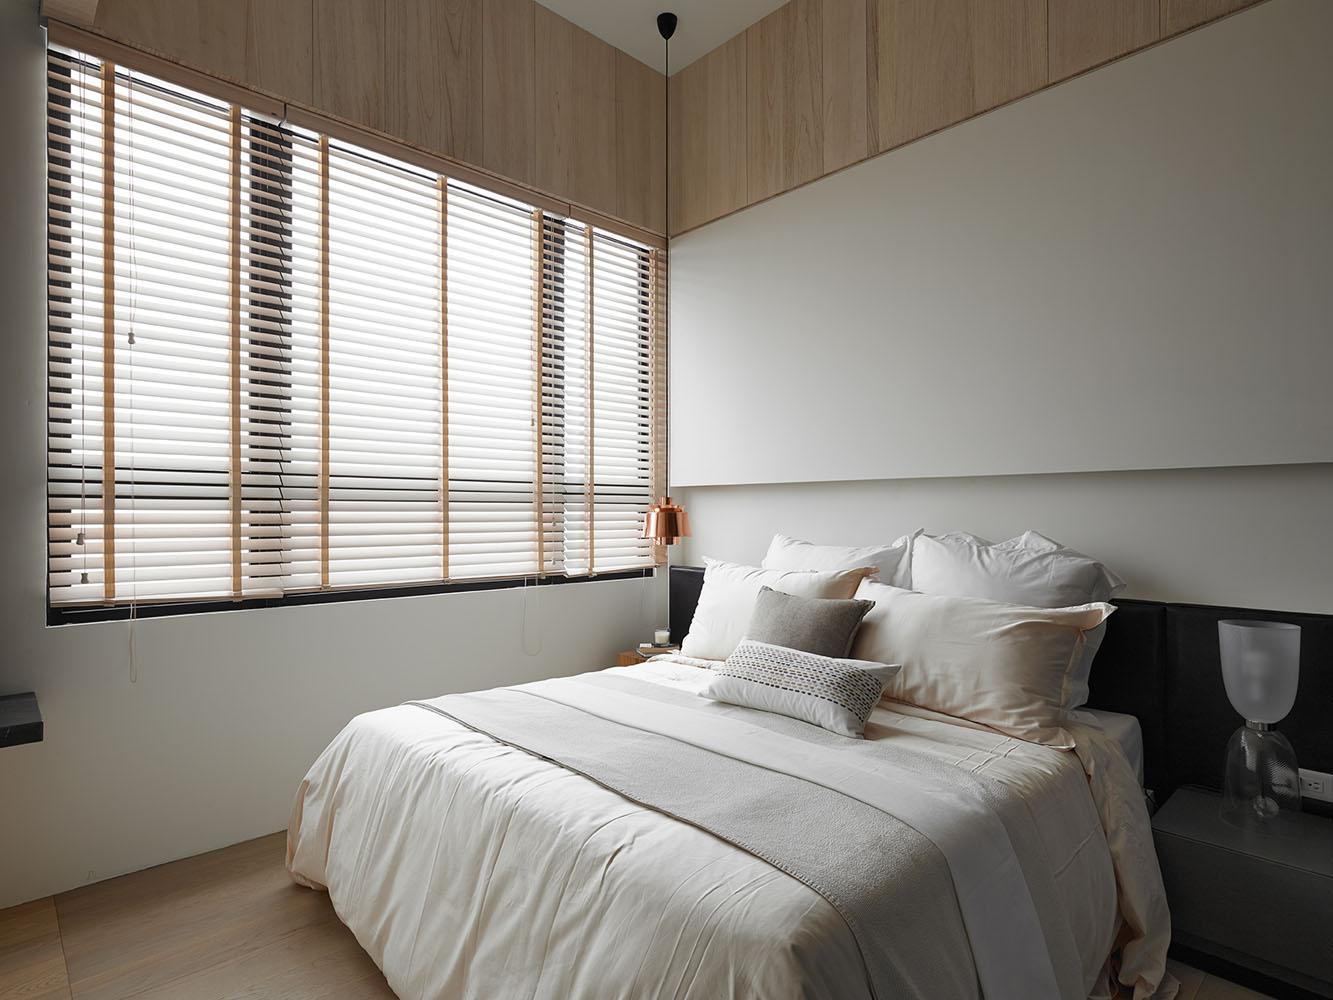 淡雅、簡約、深邃兩室一廳裝修效果圖